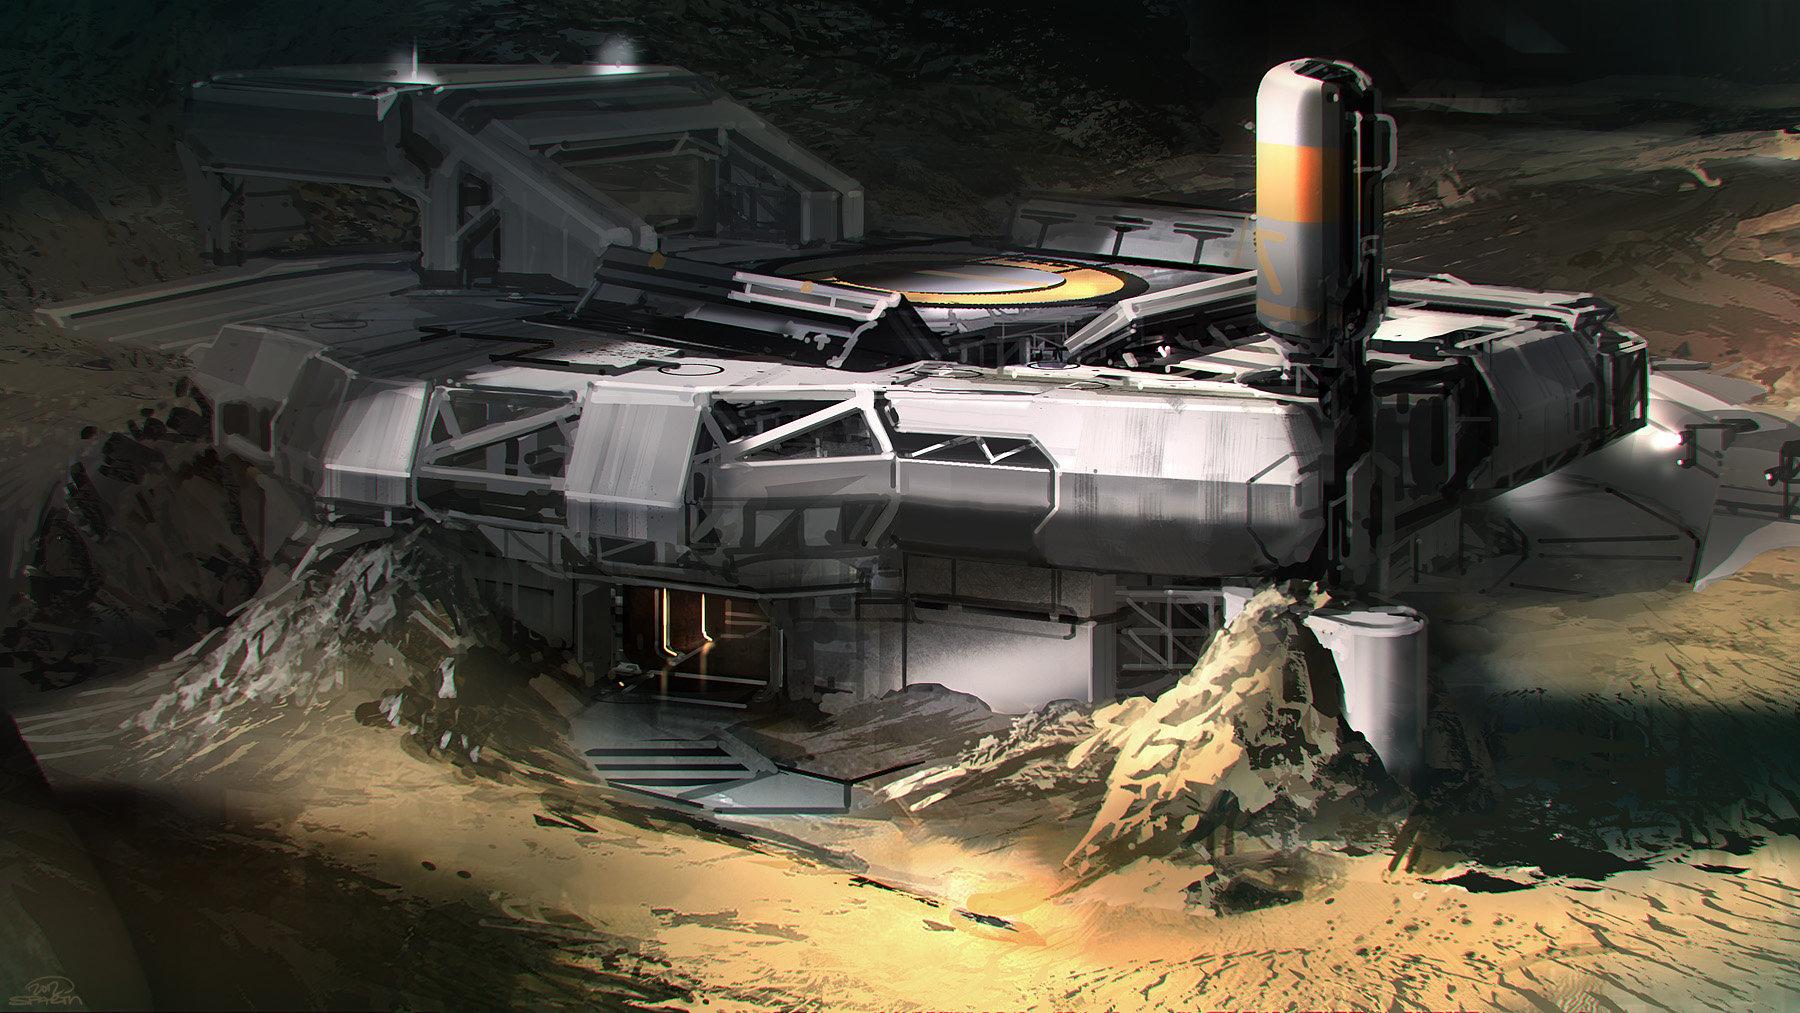 Sci fi sebesség társkereső megacon